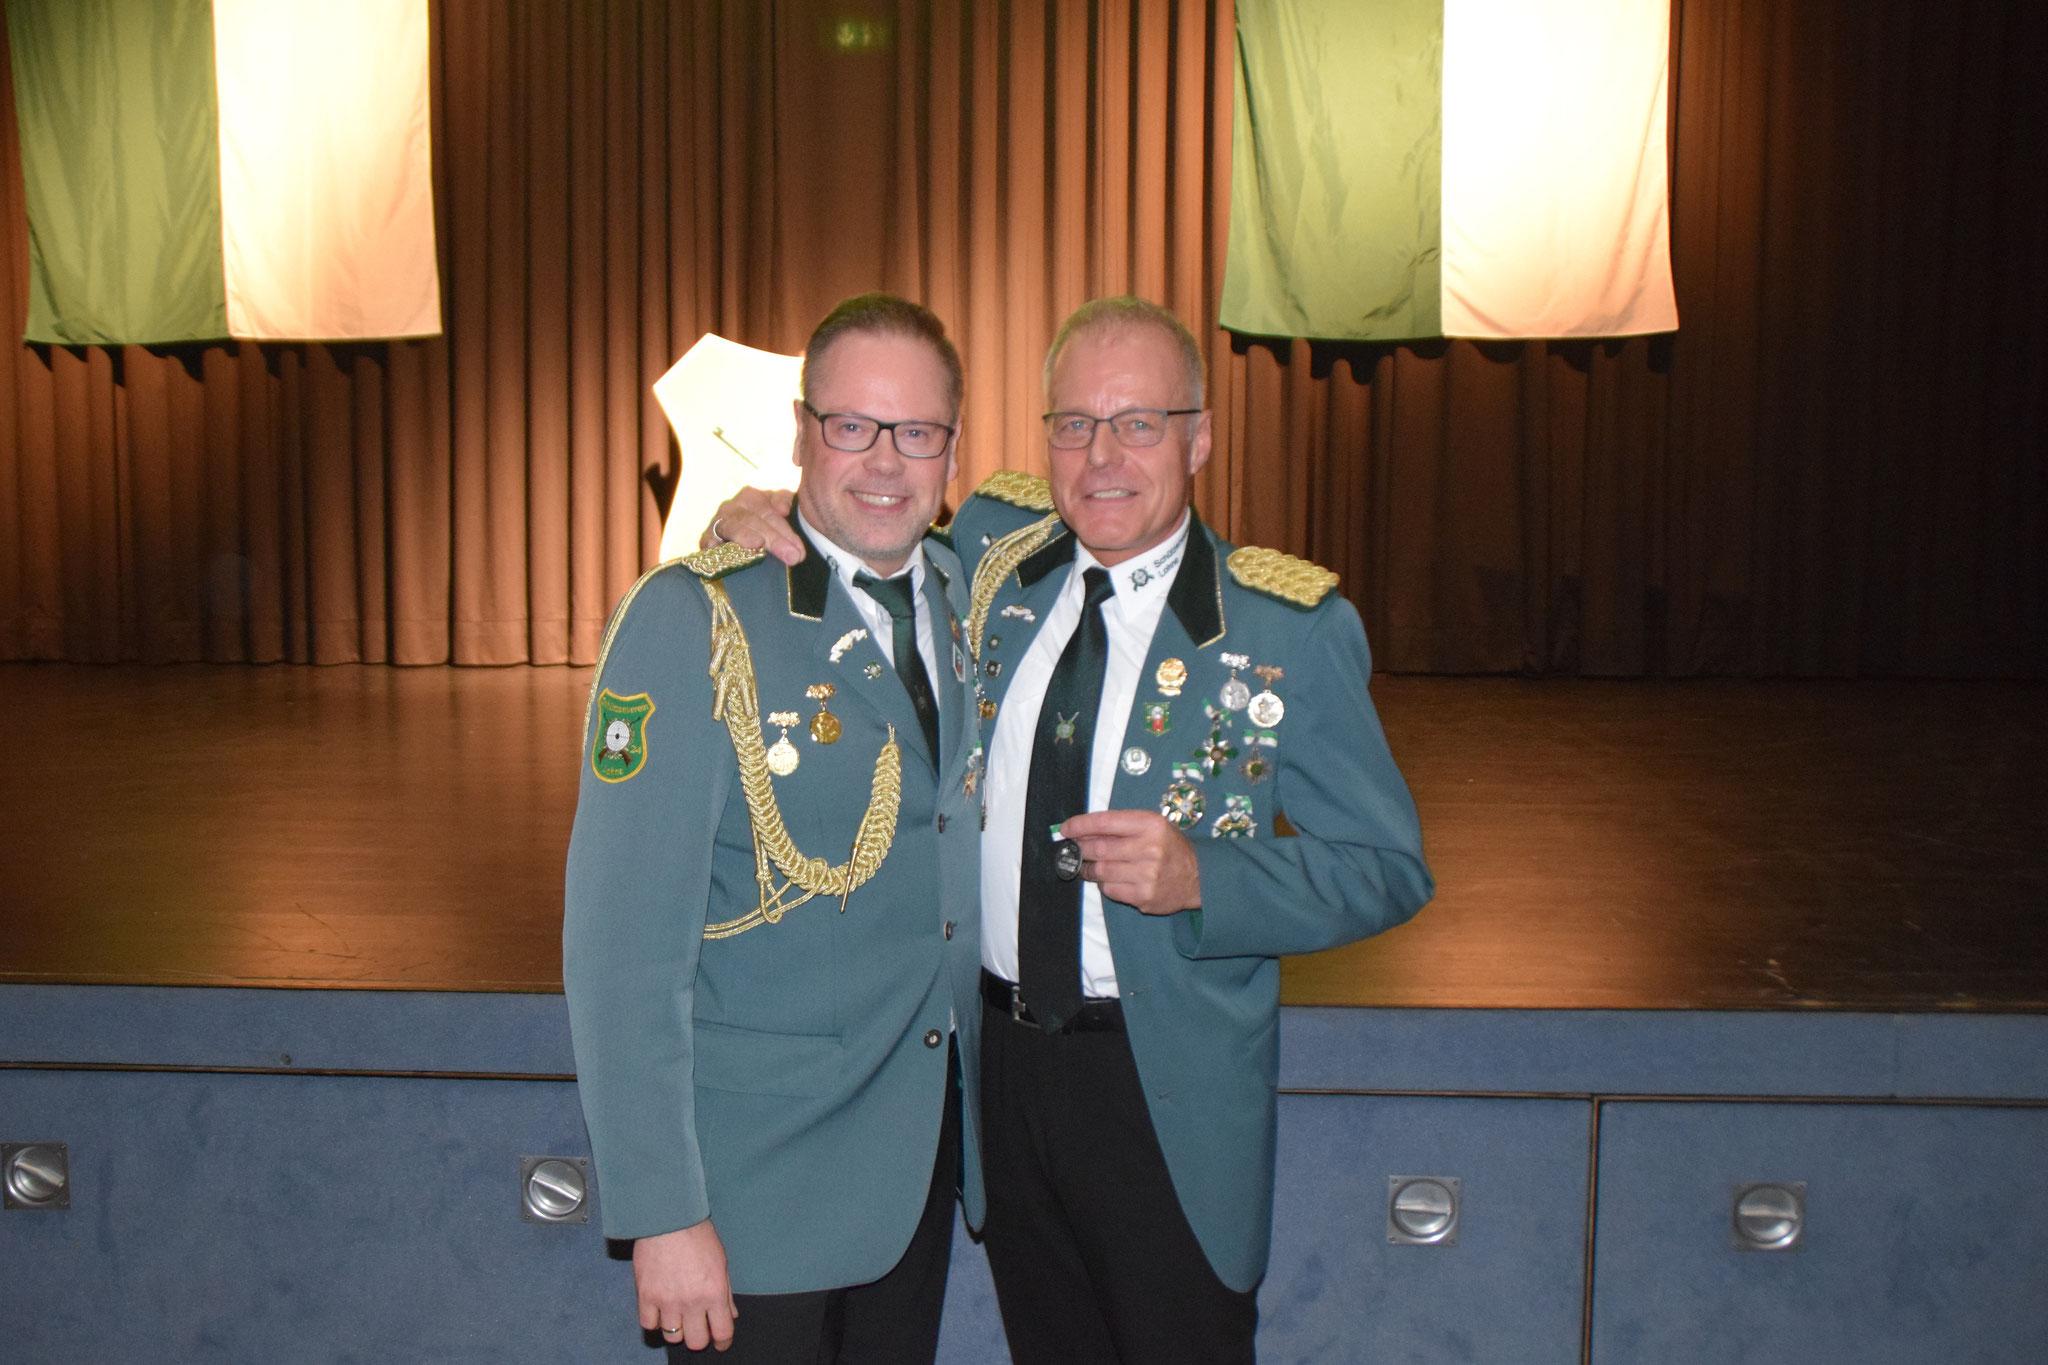 Schützenbruder für besondere Verdienste, Hubert Overberg